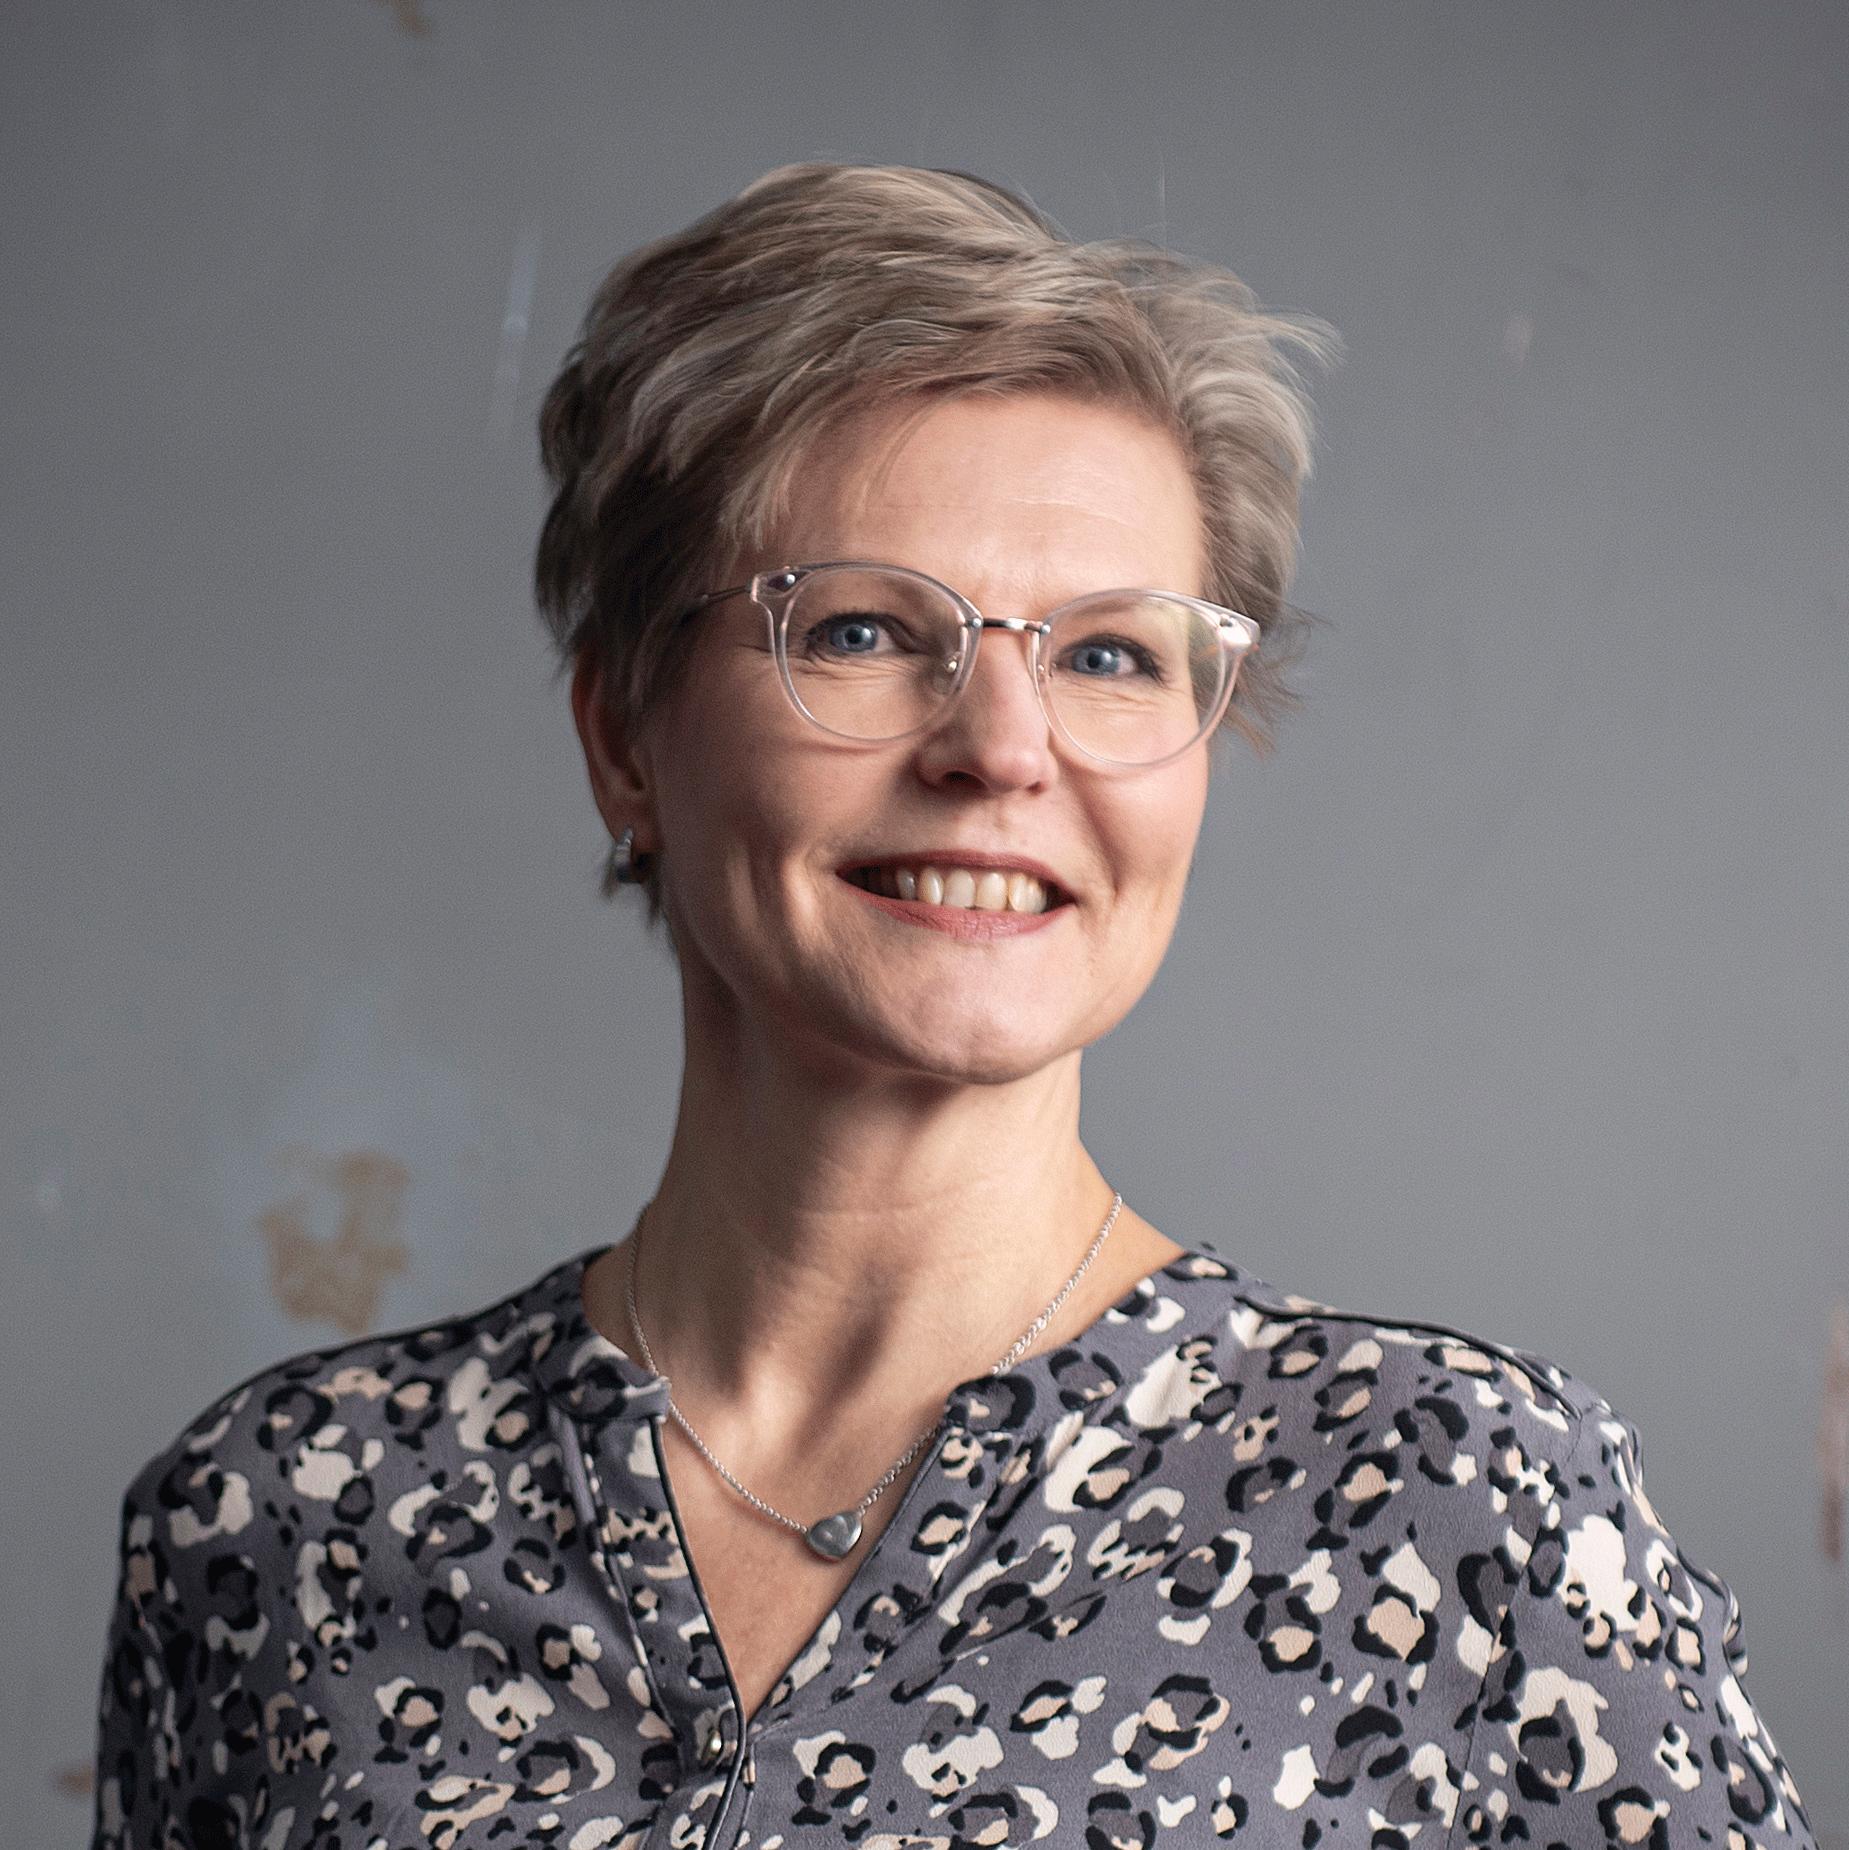 Jaana Kalliokoski